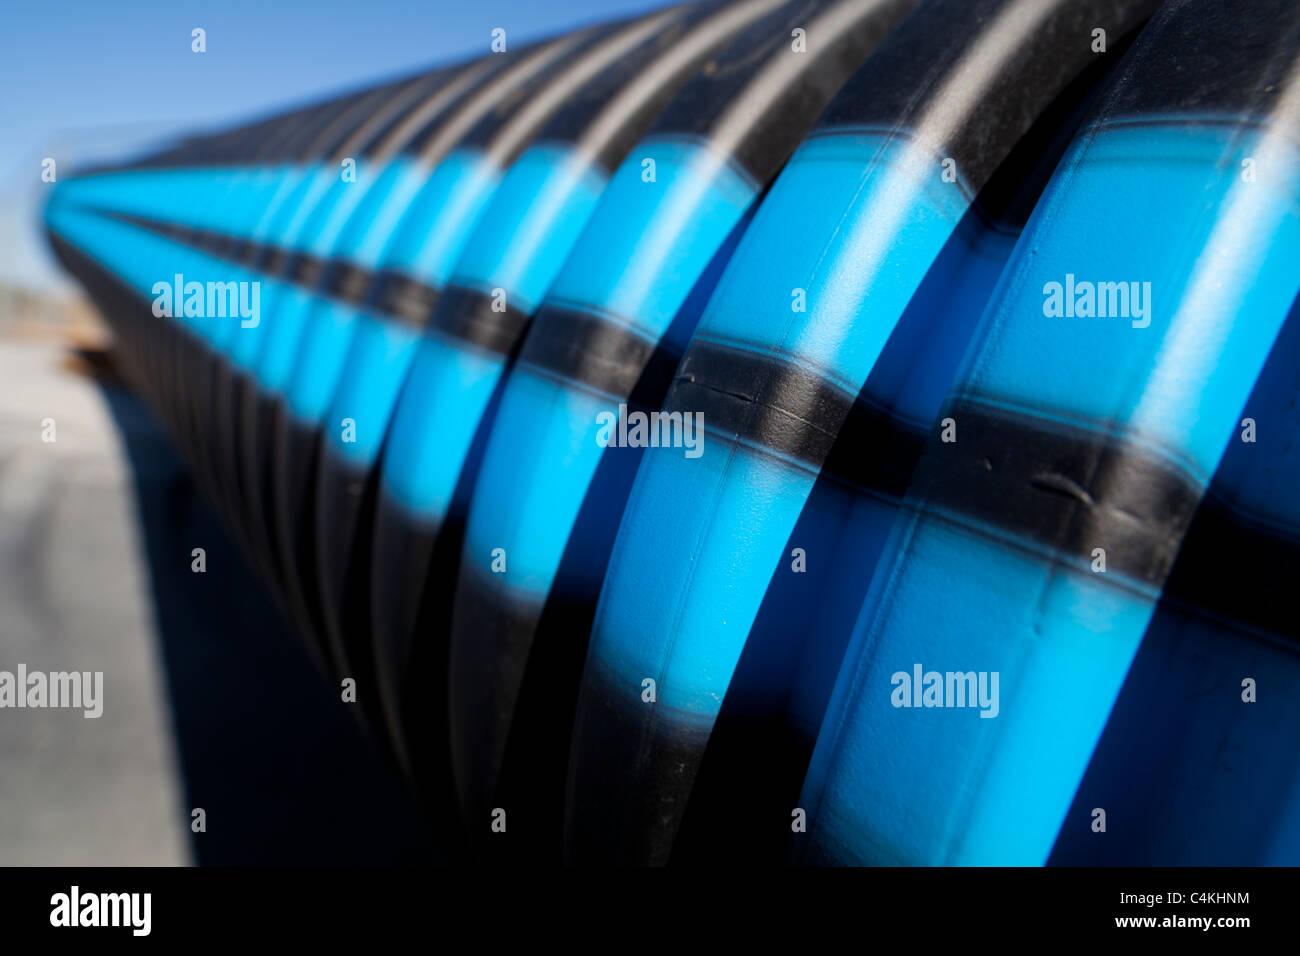 Blu e nero su strisce in PVC scanalato acqua sulla superficie del tubo Foto Stock